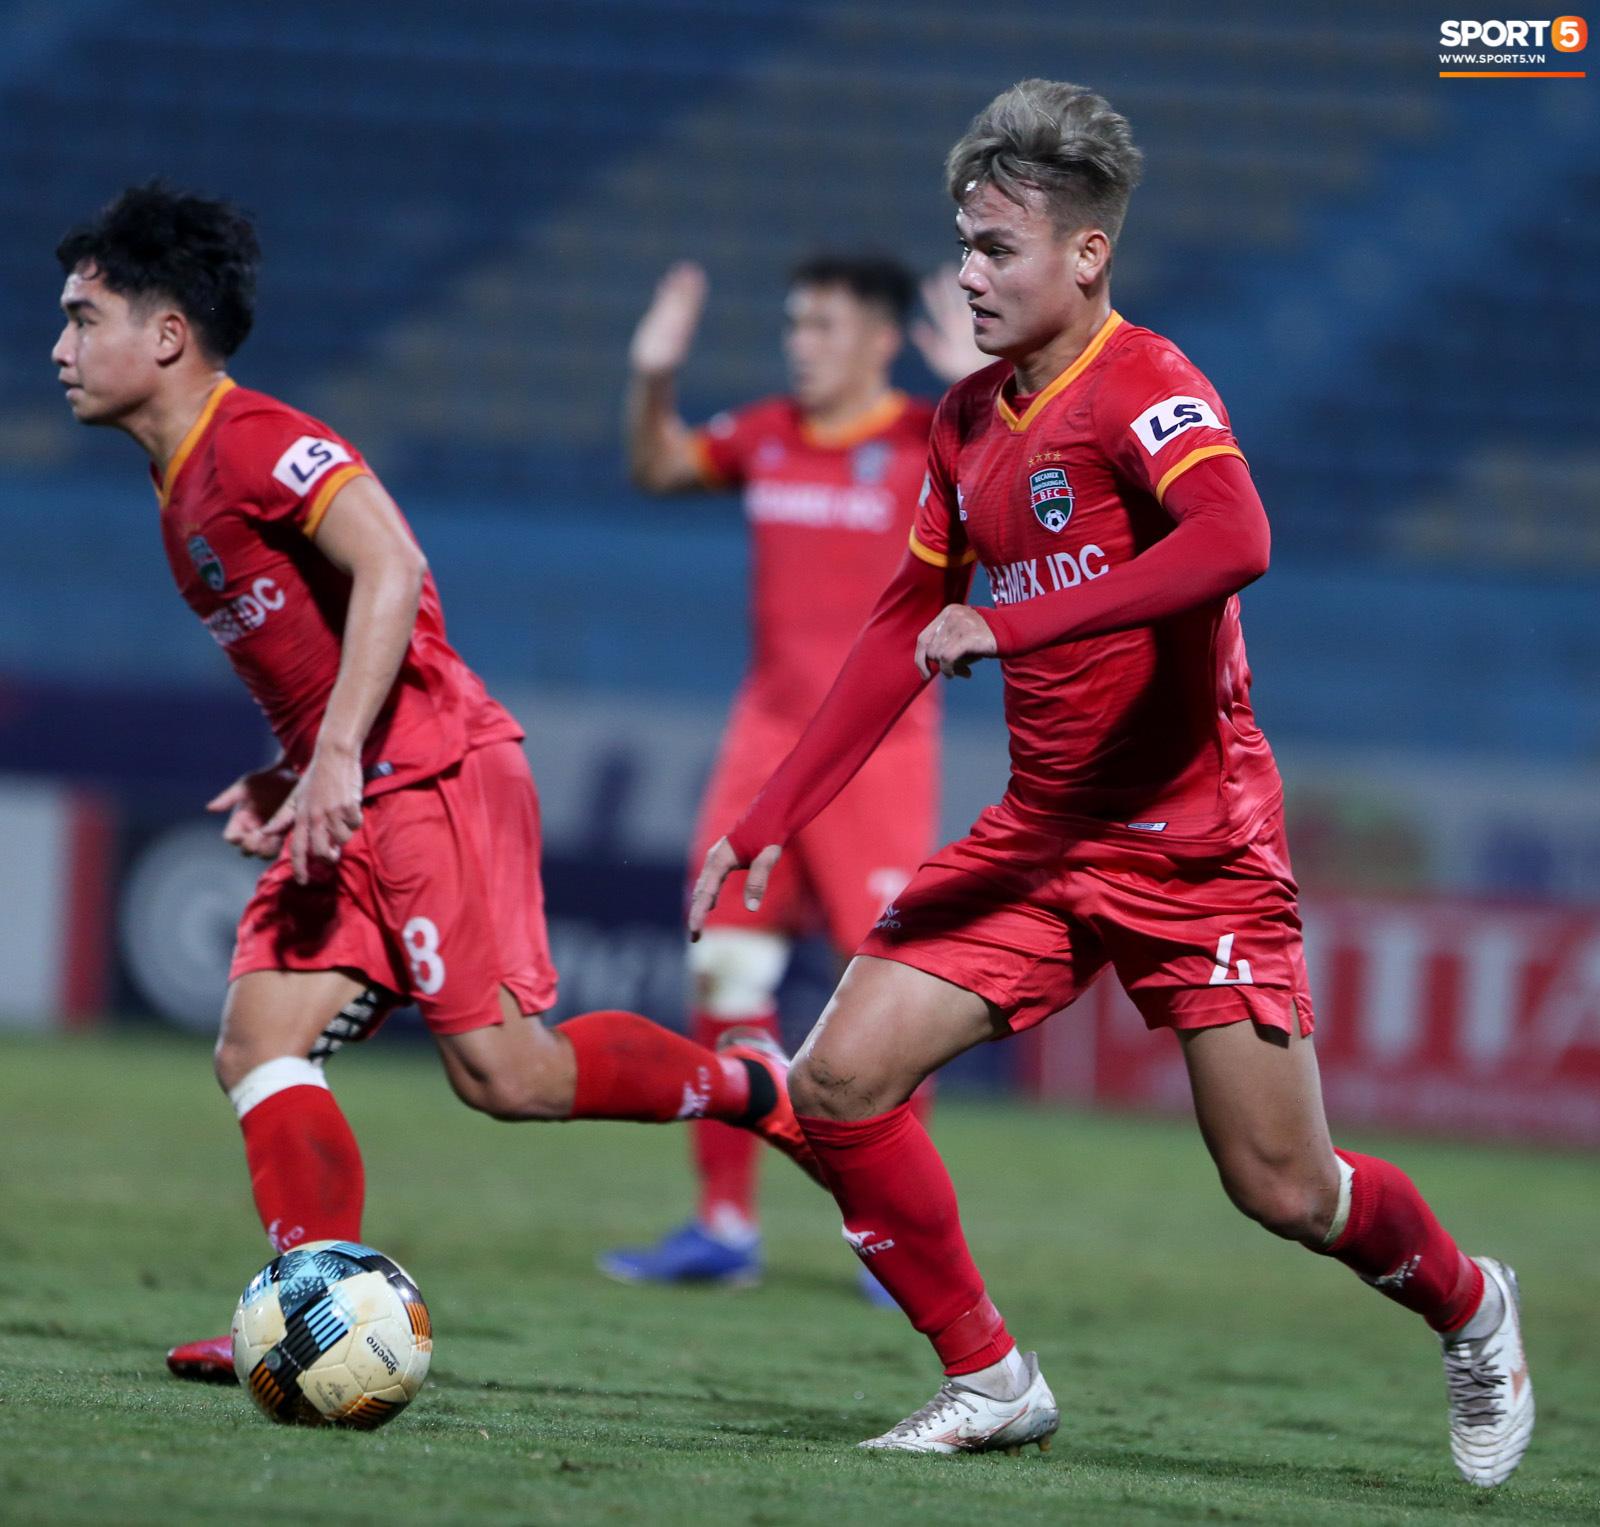 Quang Hải đòi trọng tài rút thẻ phạt cho bạn cũ ở U23 Việt Nam sau pha phạm lỗi nguy hiểm - Ảnh 9.